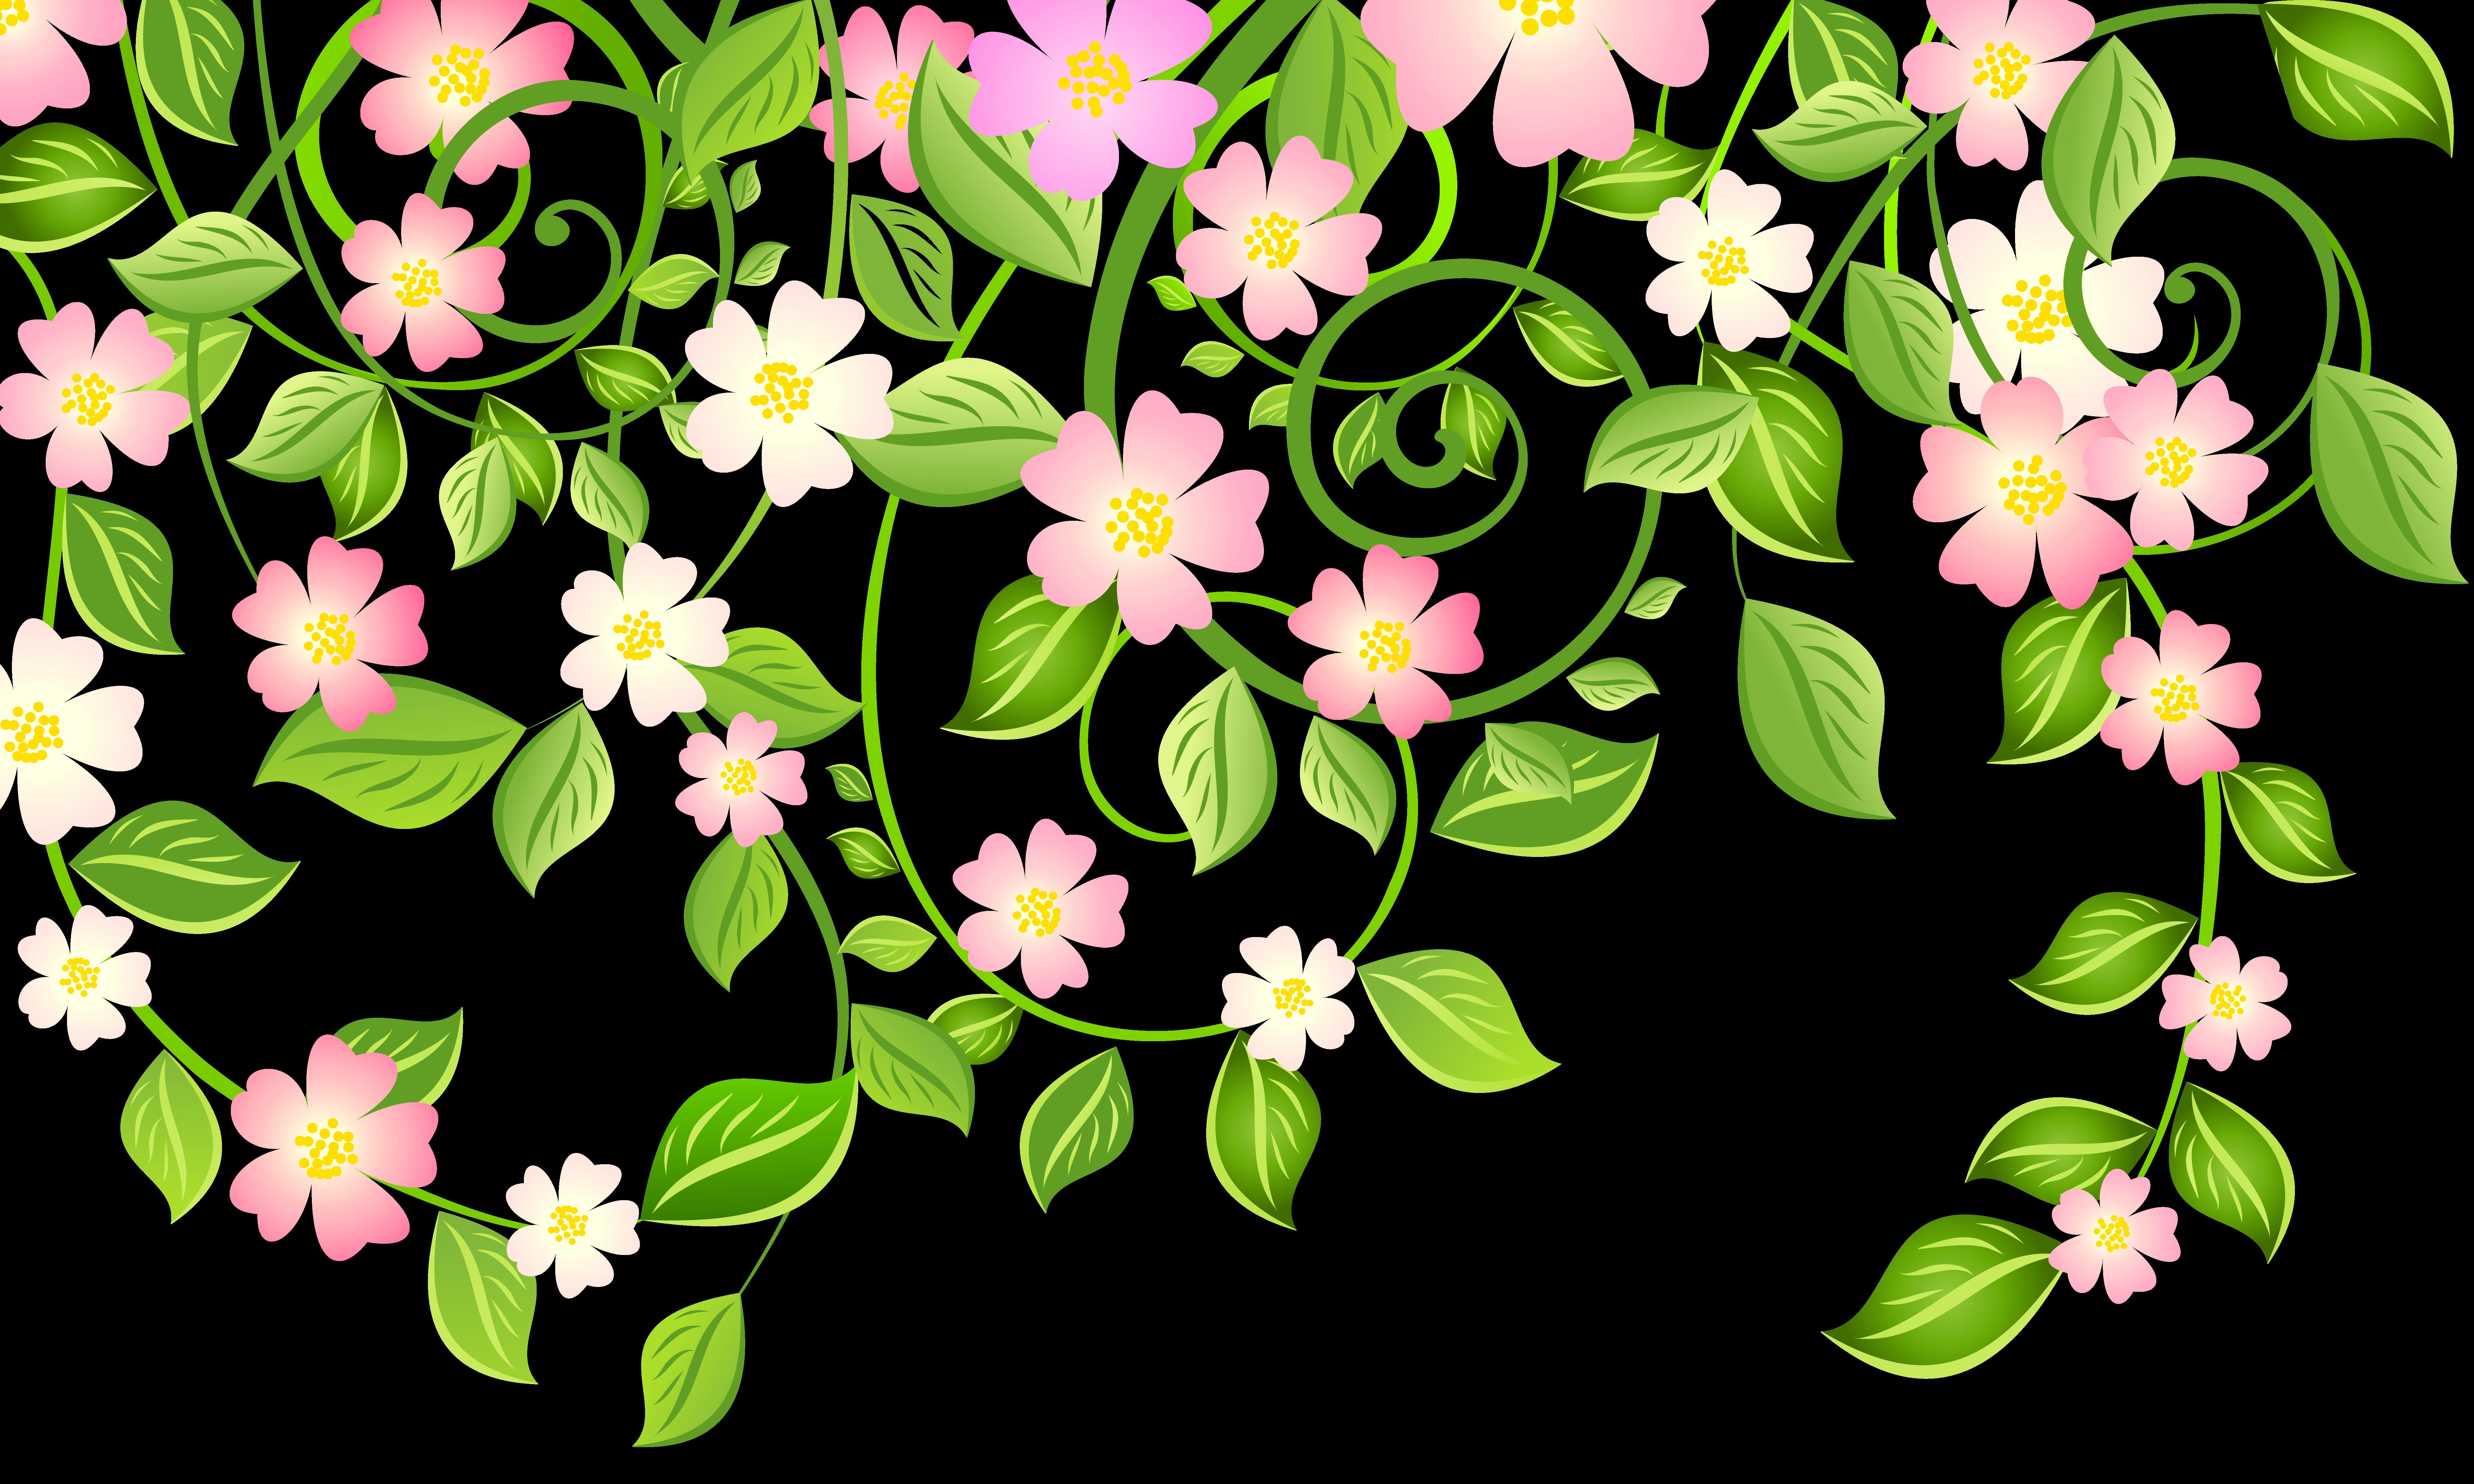 Garden clipart spring garden. Leaves clipartxtras art of